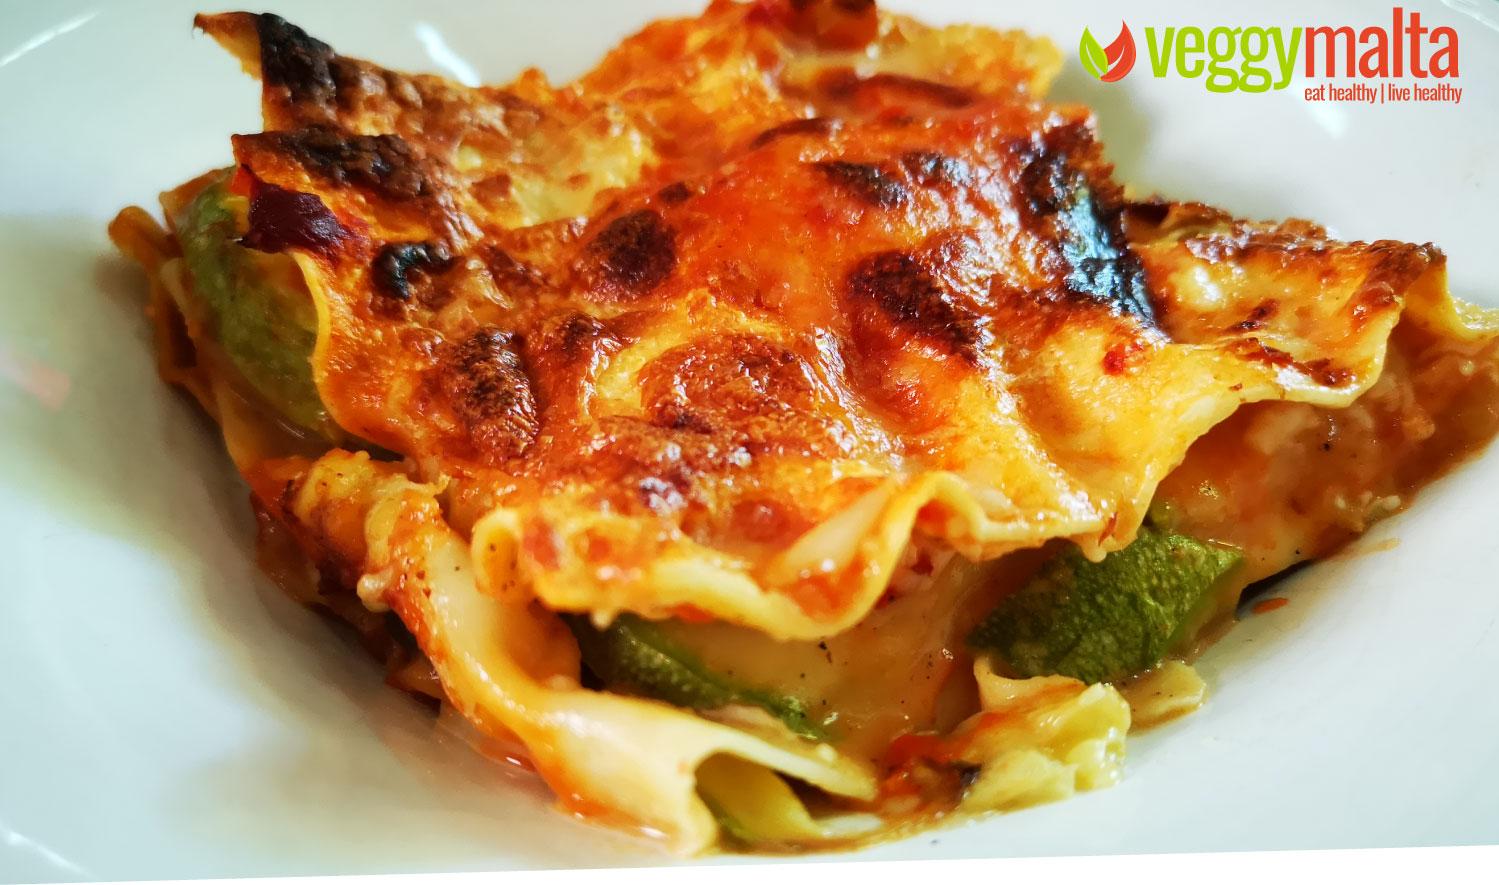 fior-di-vita-halloumi-aubergine-lasagne-recipe